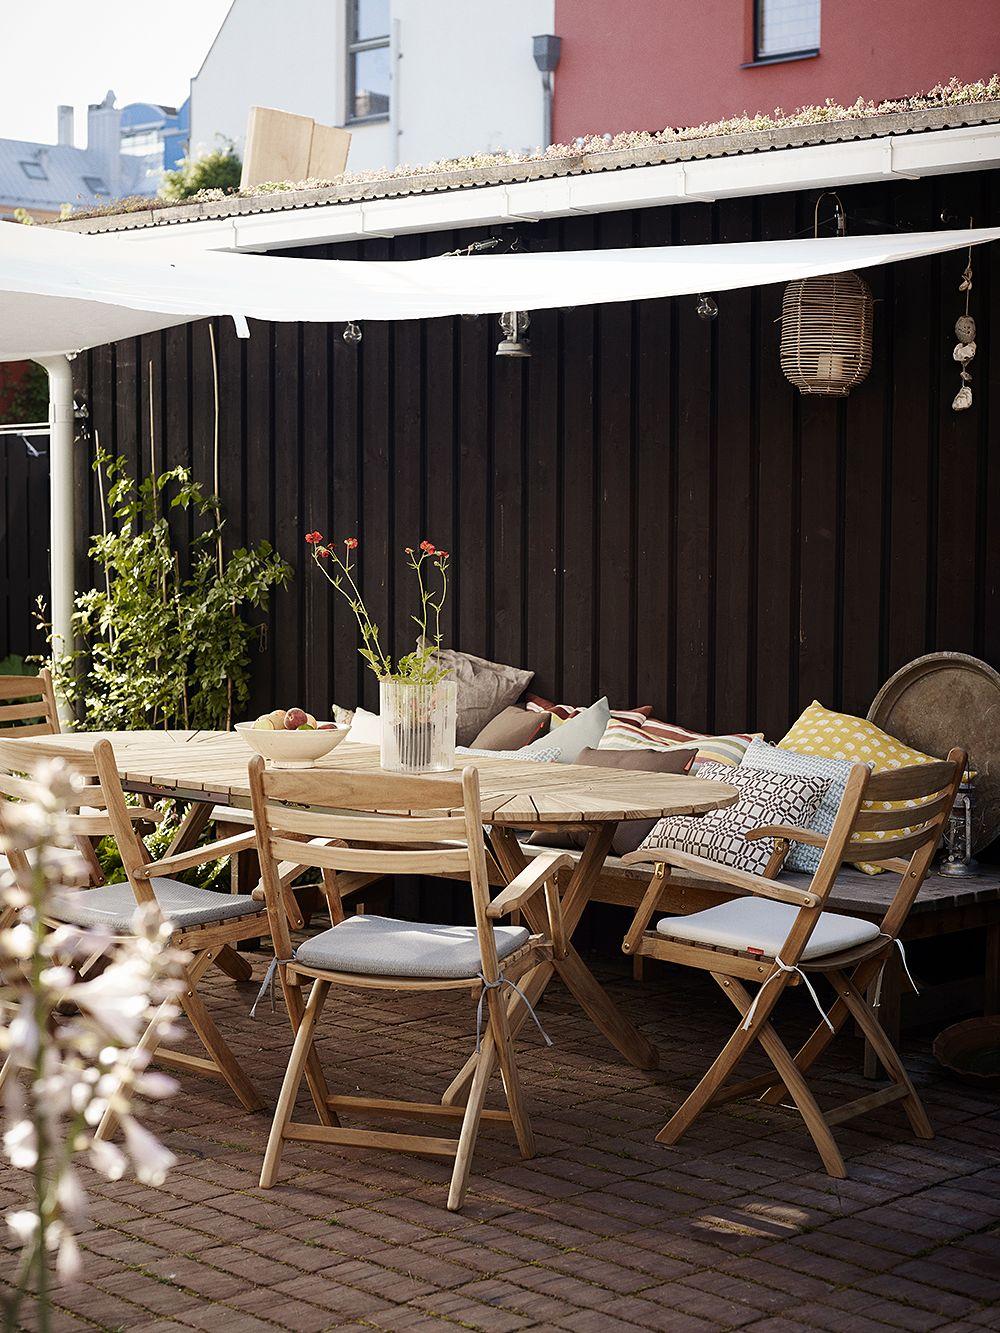 Skagerakin Selandia-pöytä ja Selandia-tuolit ulkona terassilla.